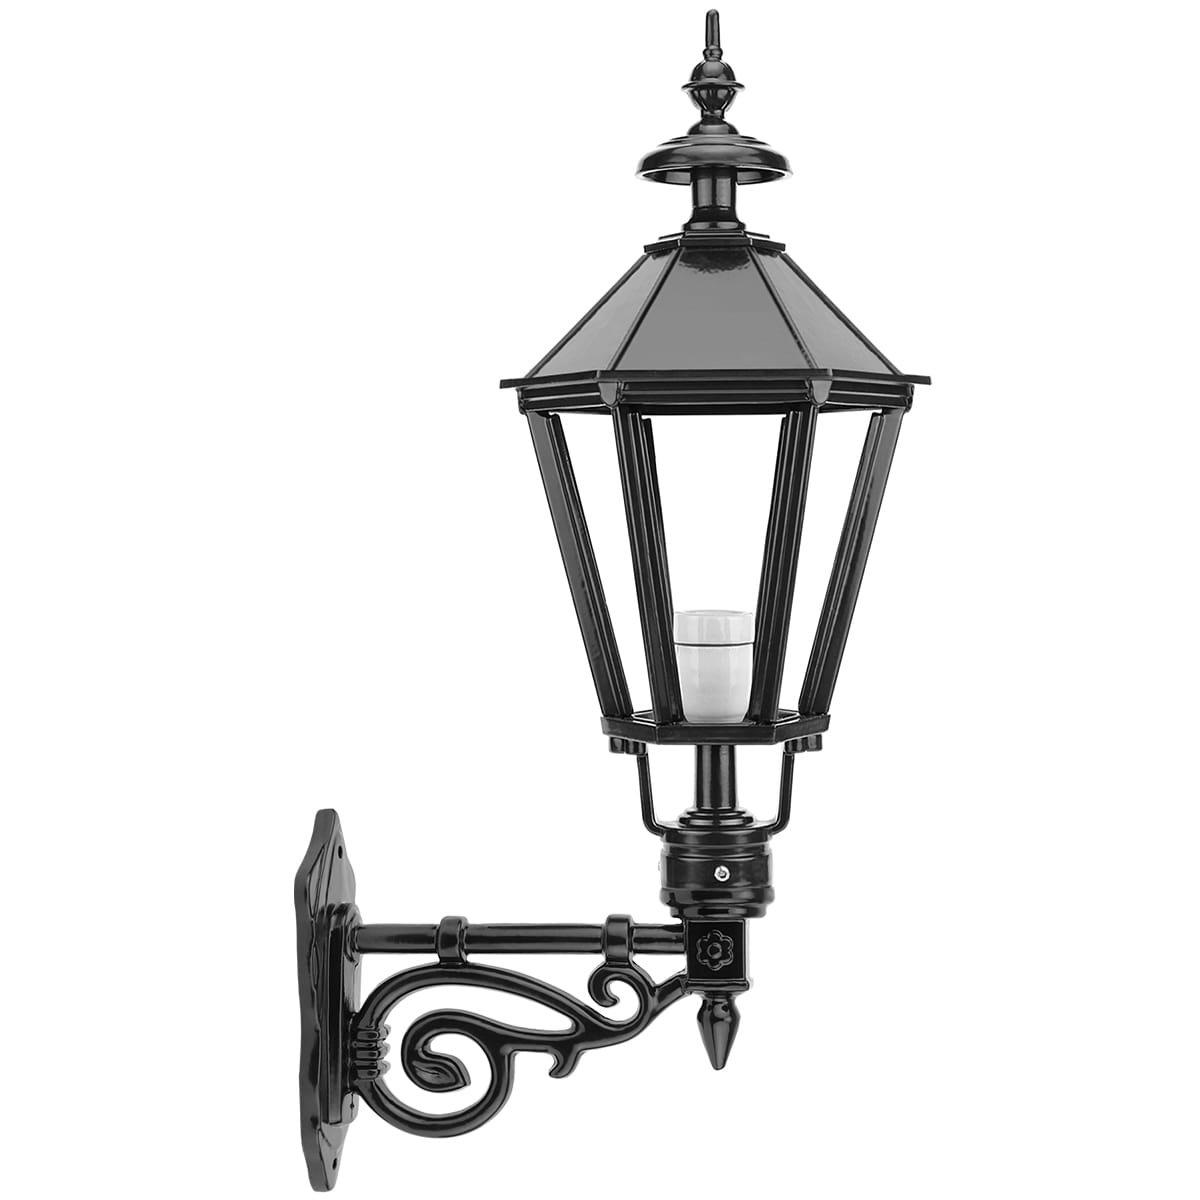 Außenbeleuchtung Klassisch Ländlich Wandleuchte Klazienaveen - 70 cm